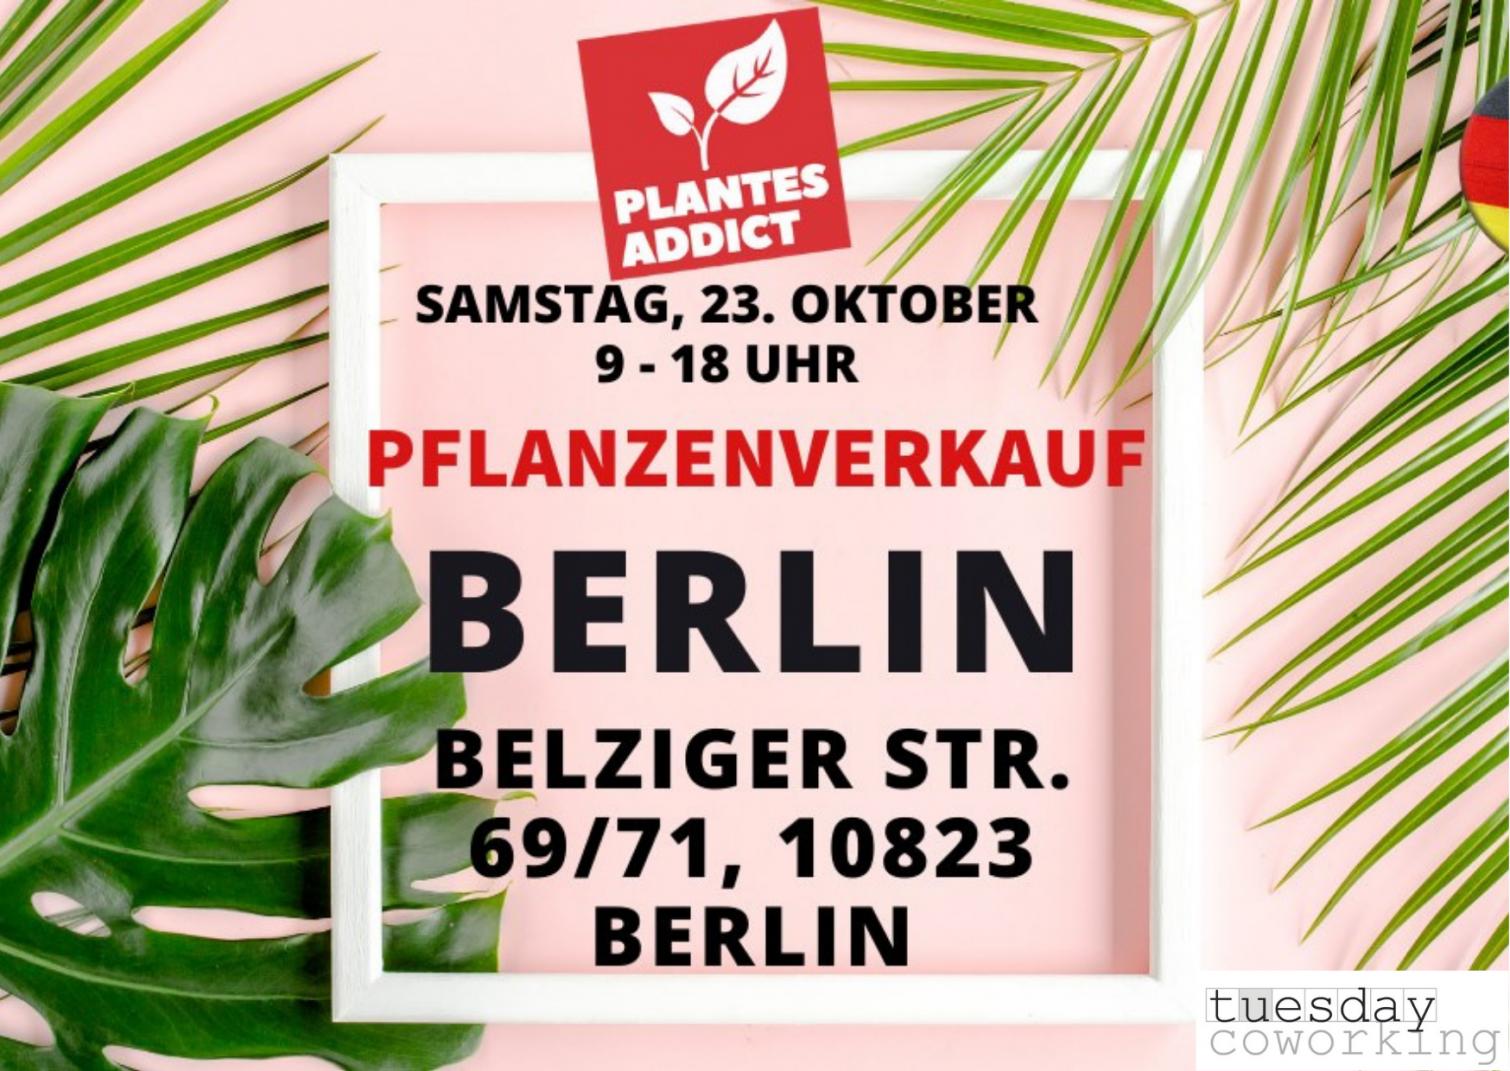 Pflanzenverkauf mit Plantes Addict Berlin